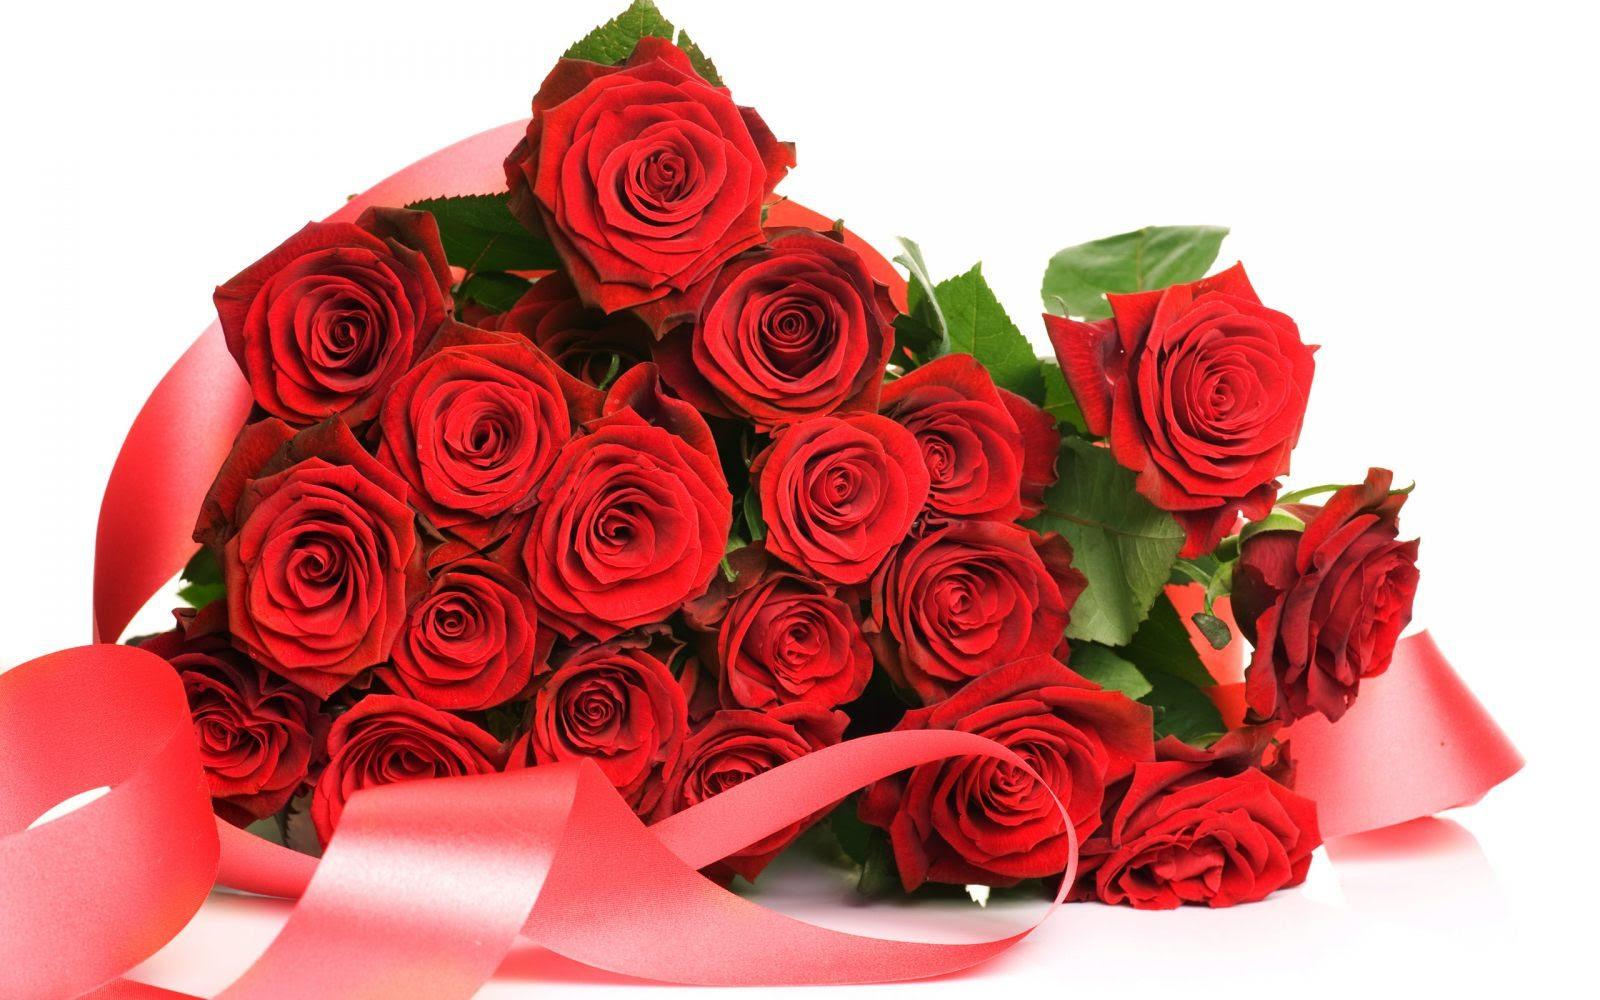 Ramo De Rosas Rojas Imágenes Y Fotos